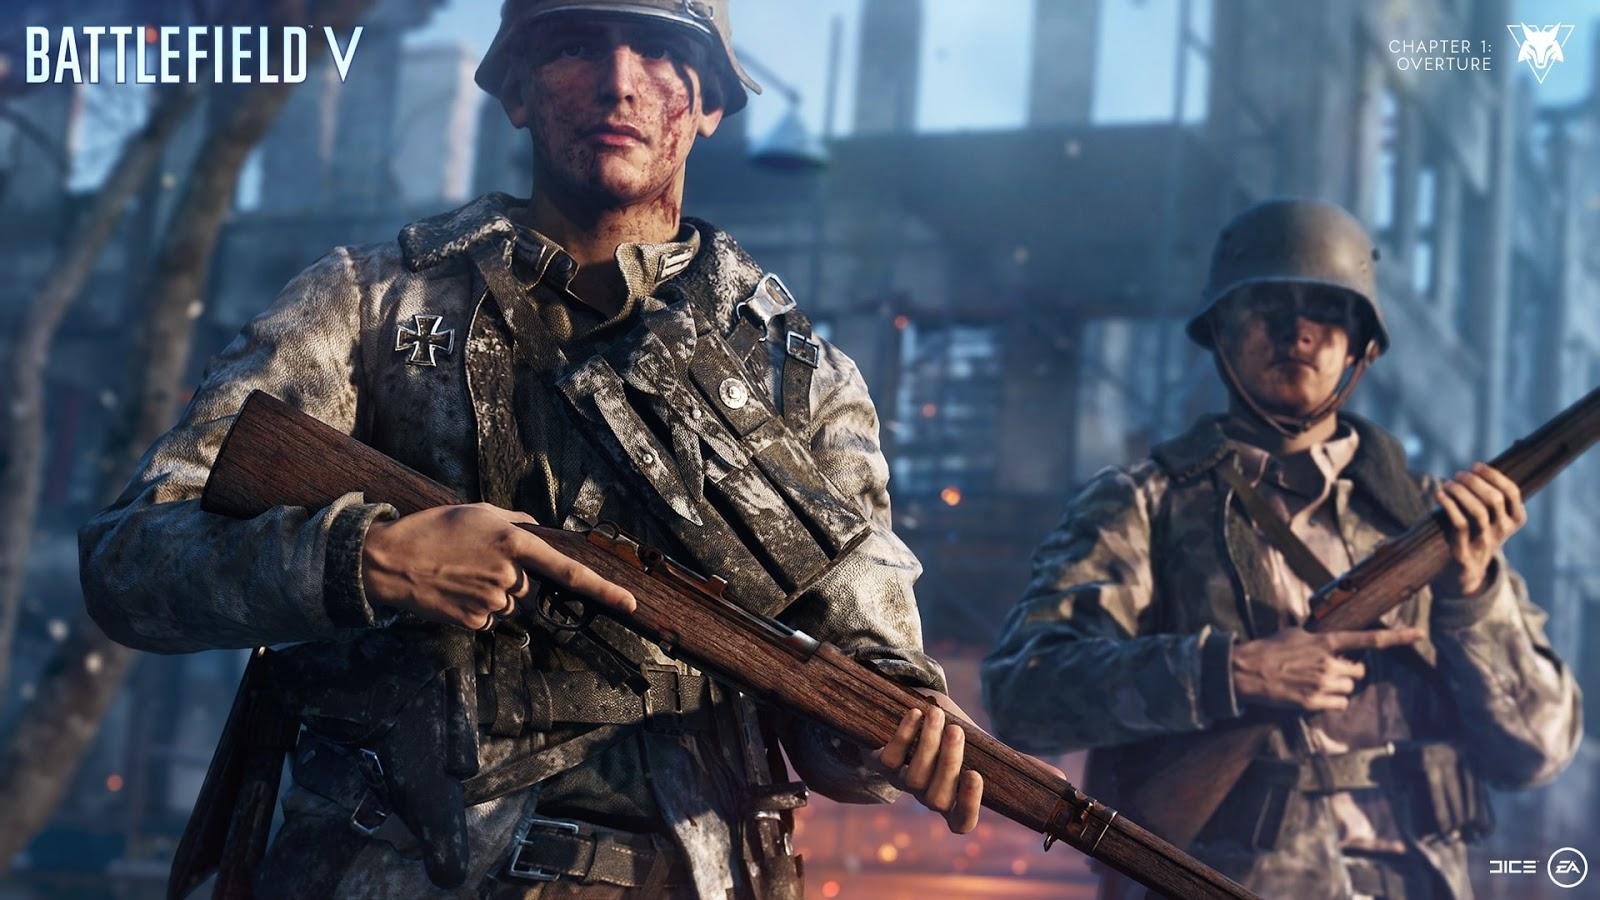 Conheça as 5 novas armas que podem aparecer no Battlefield V em breve